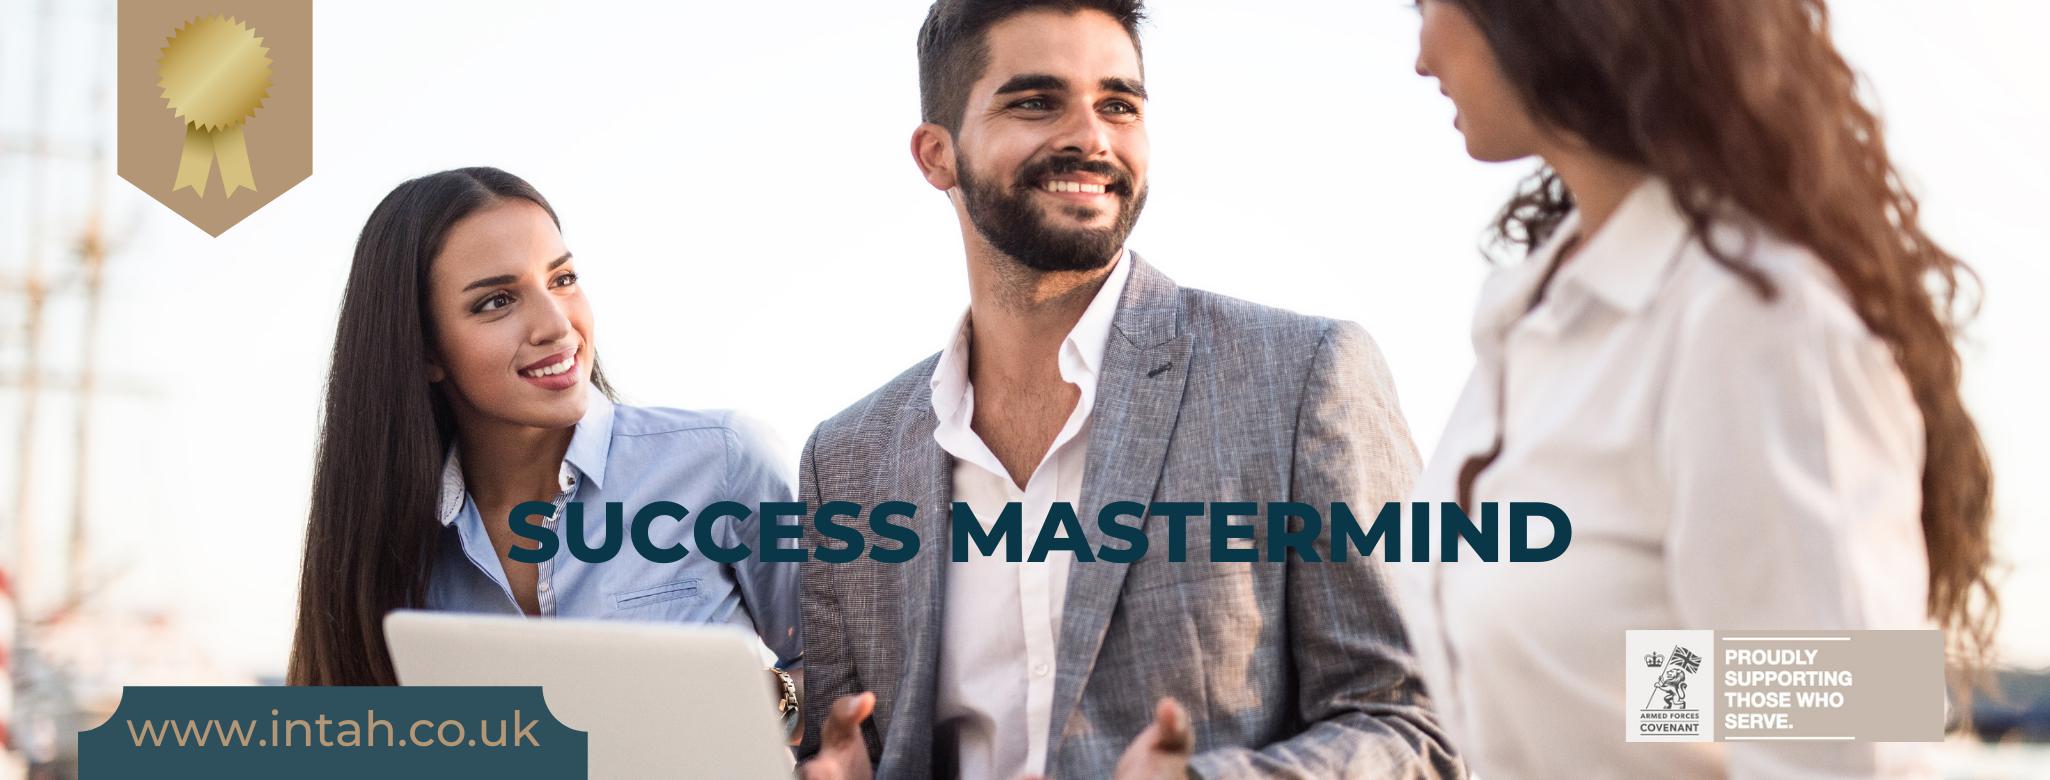 InTah success mastermind